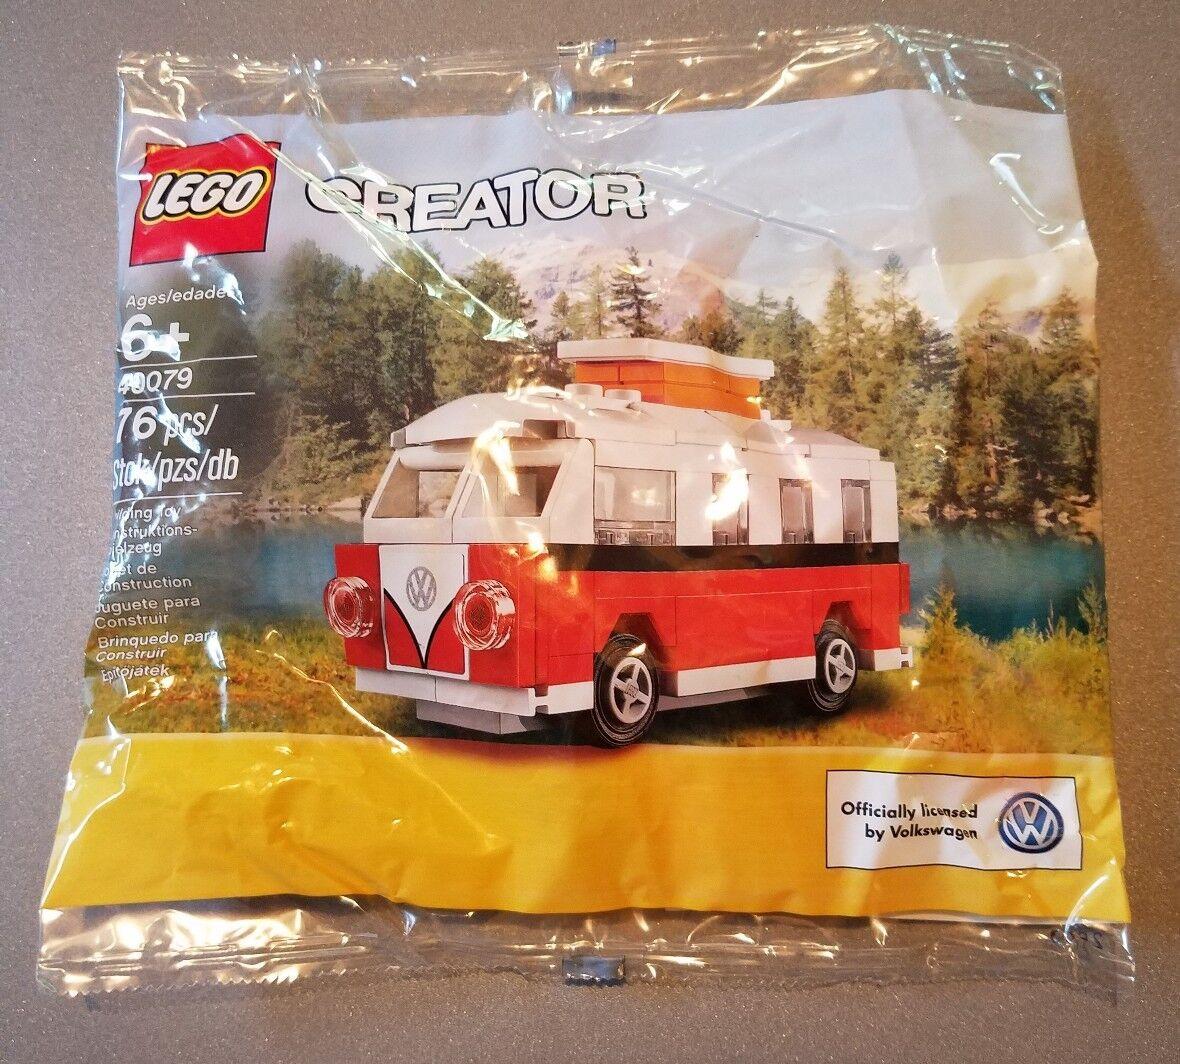 Lego Creator Mini Vw T1 Camper Van 40079 Fqhwzk4793 Lego Complete